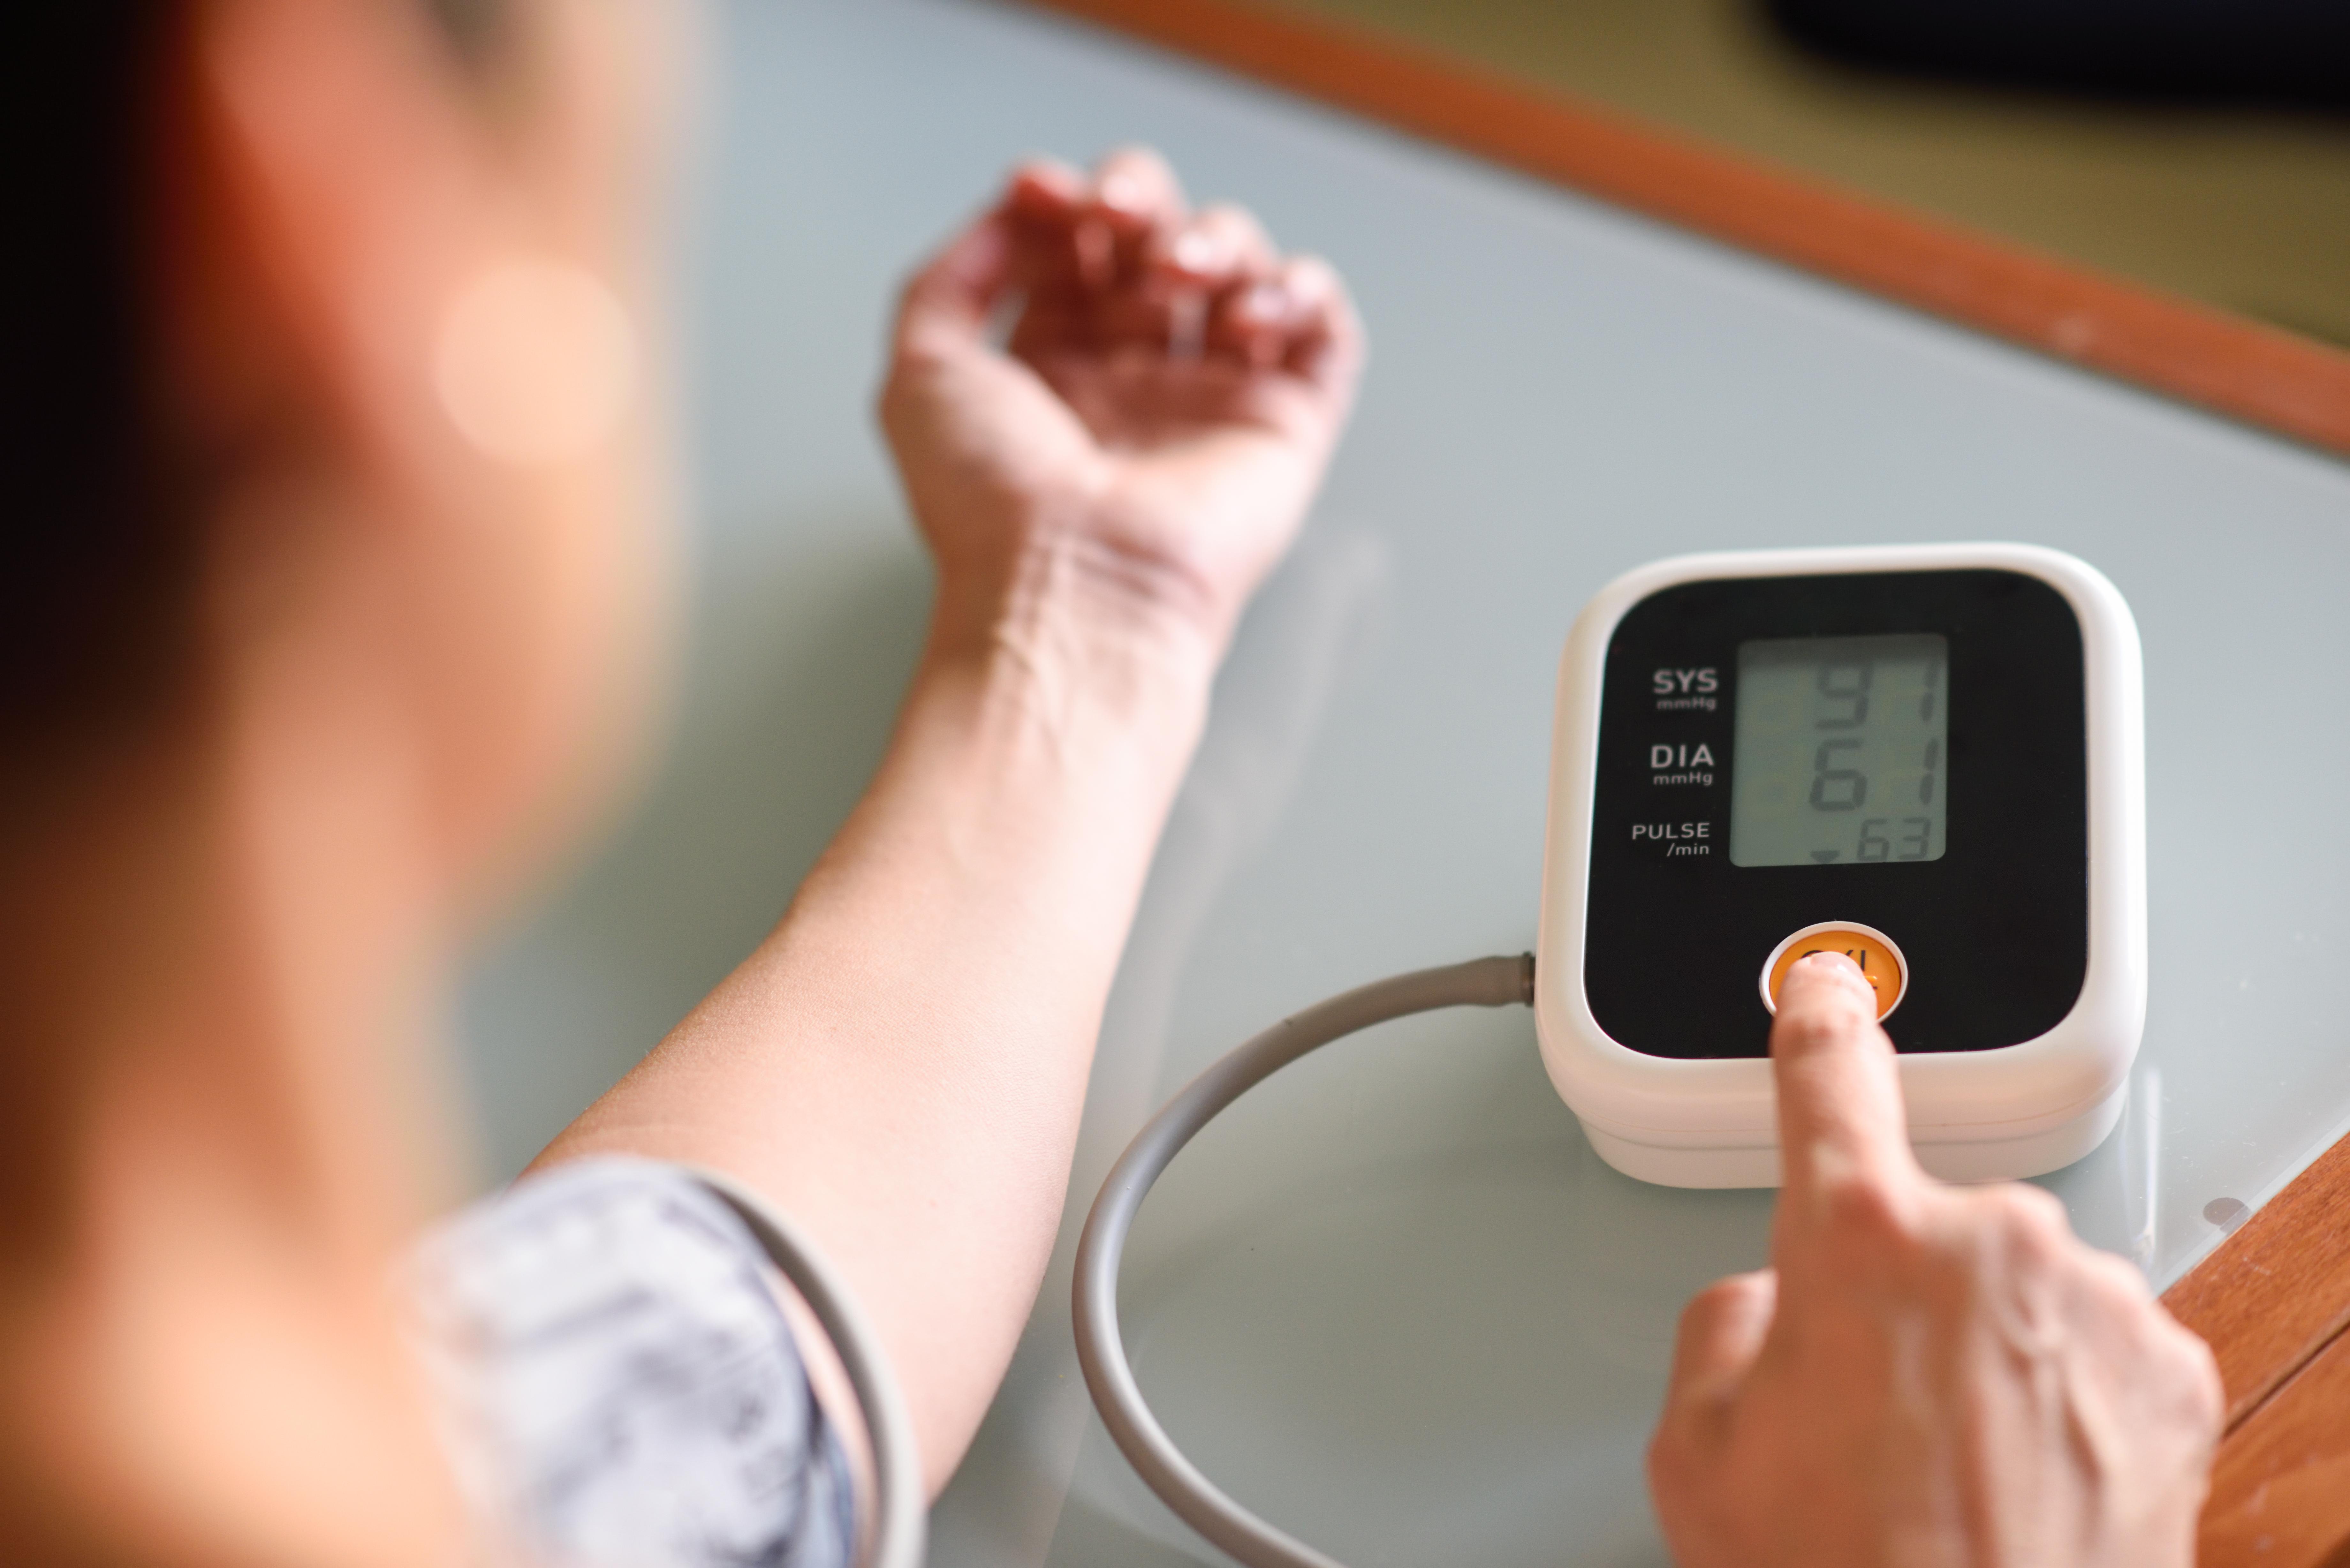 lågt blodtryck gravid farligt